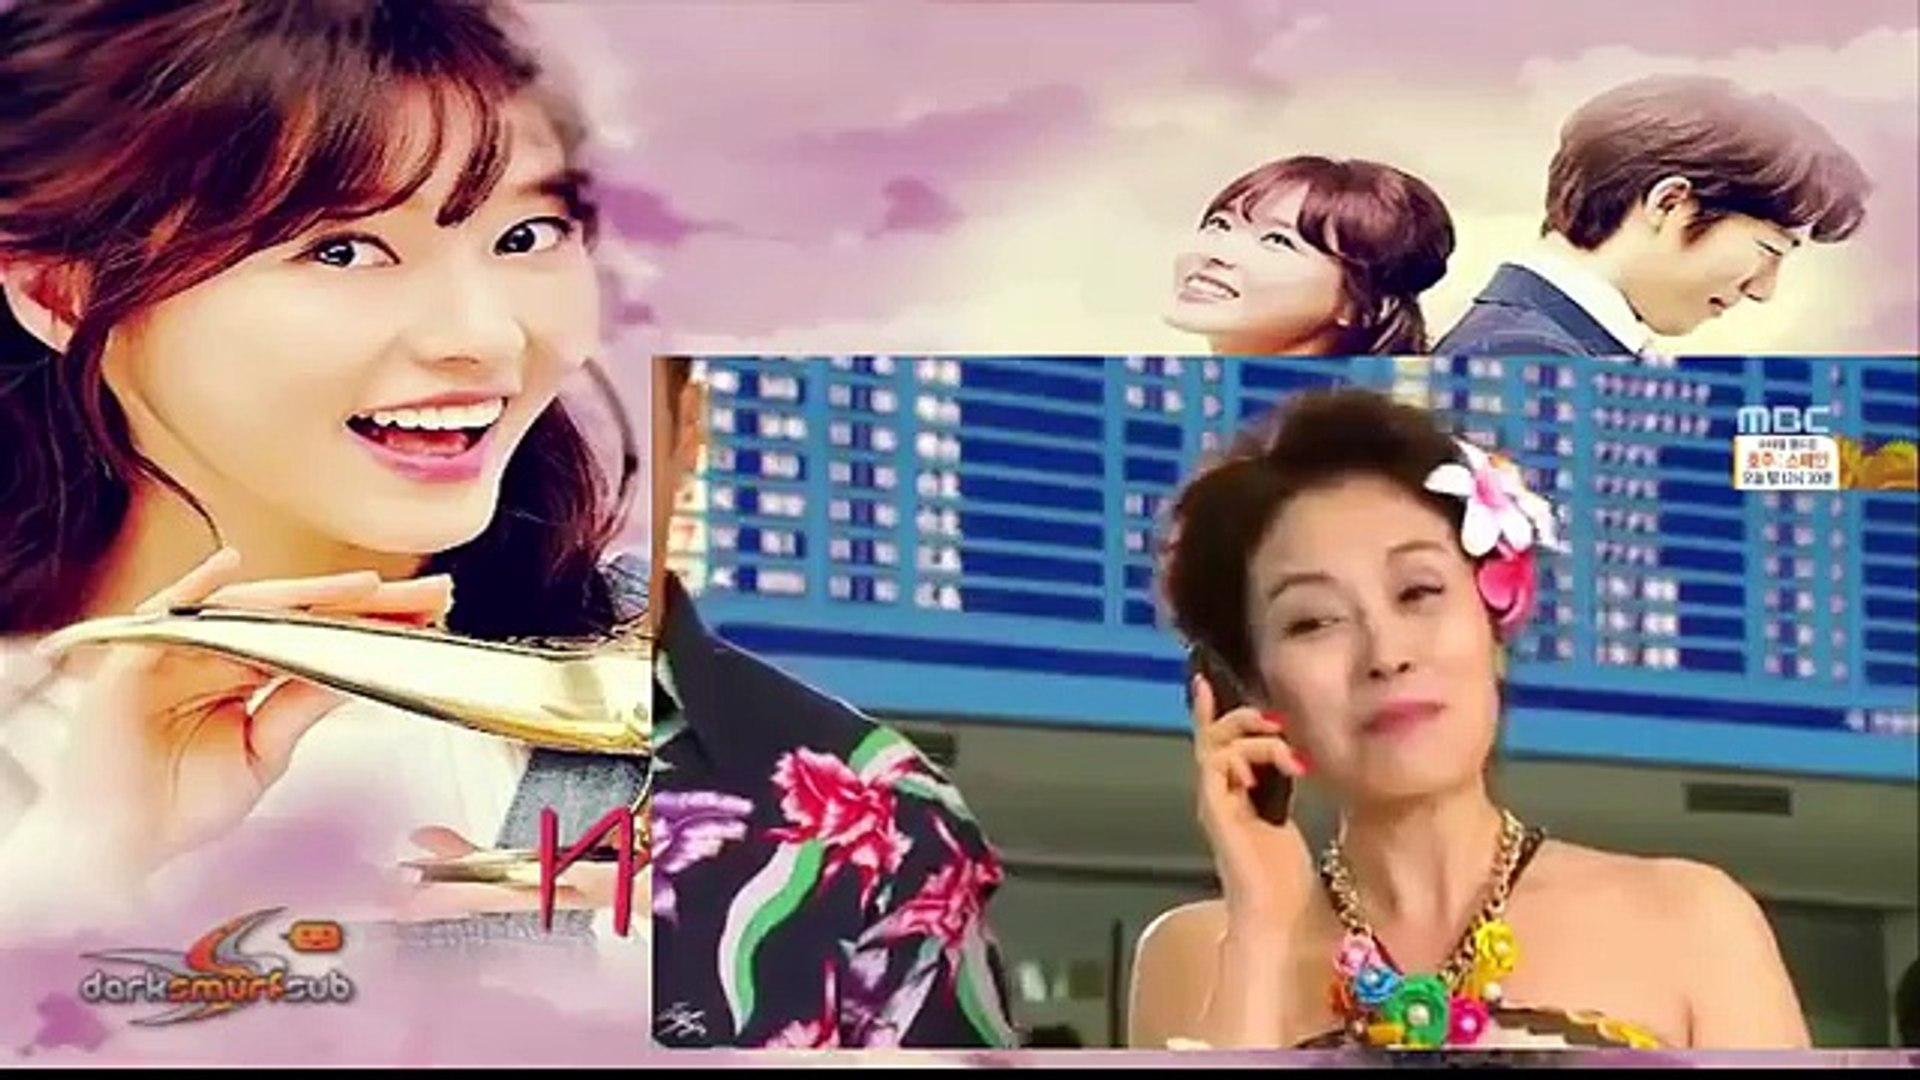 Watch Make a Wish-Episode 1 Korean Movies[Engsup]